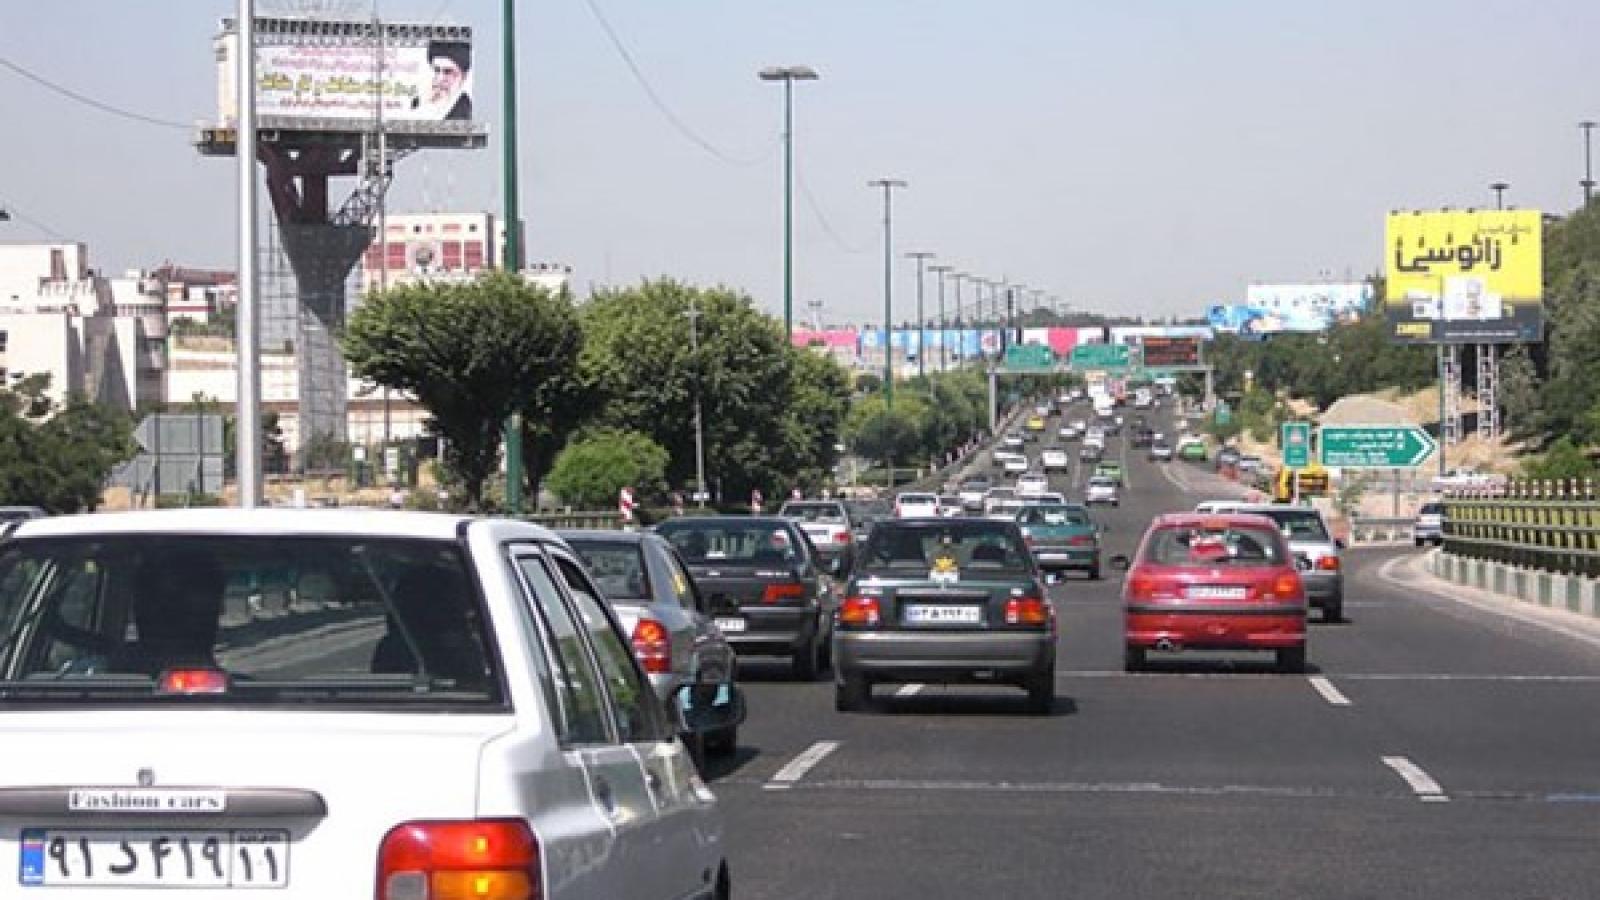 ترافیک شمال شرق تهران روانتر می شود - اجاره خودرو طباطبایی